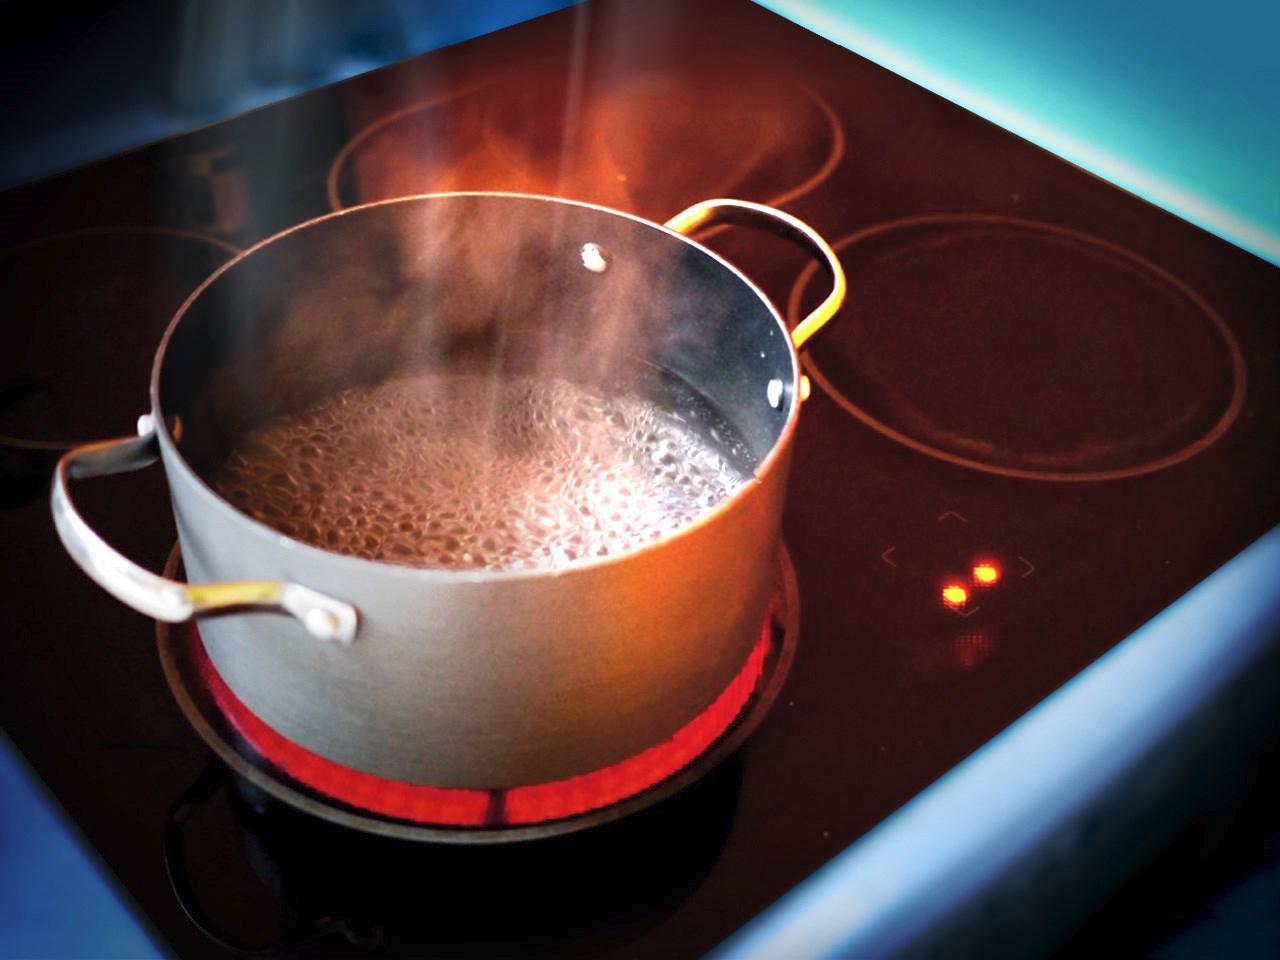 boil water_1542671336873.jpg.jpg